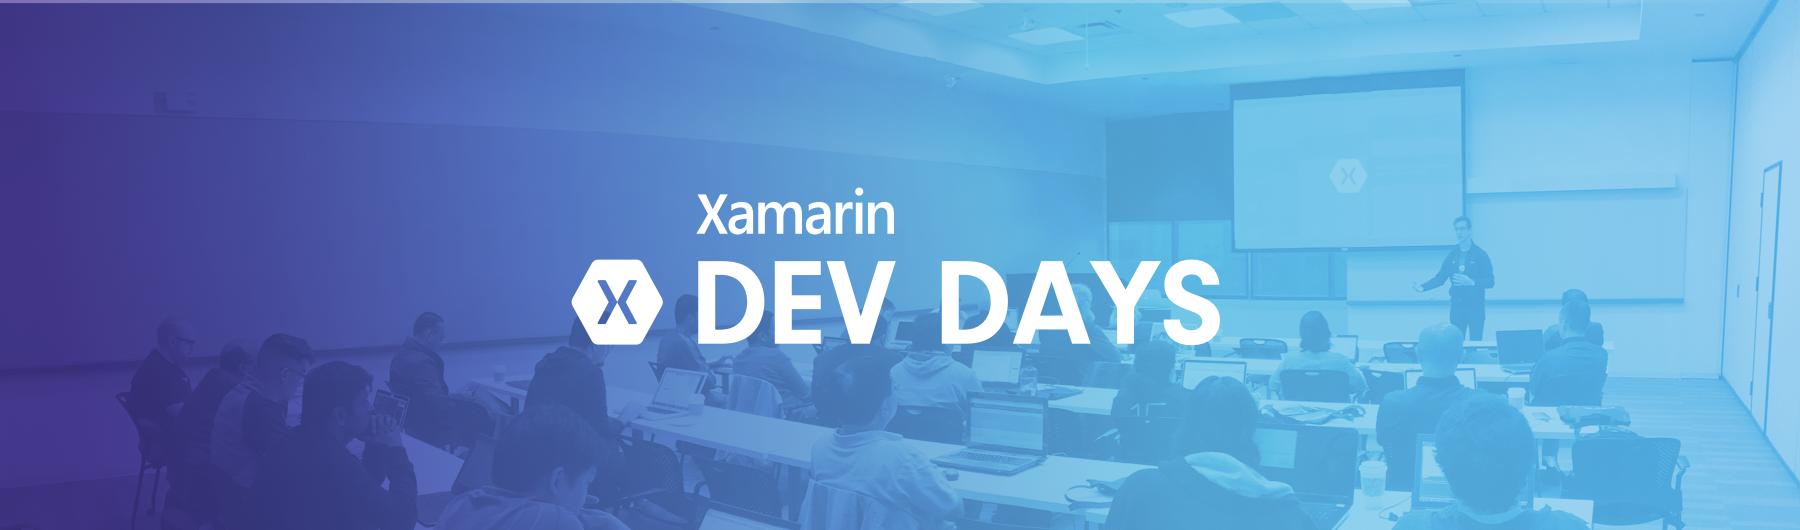 Xamarin Dev Days - Graz